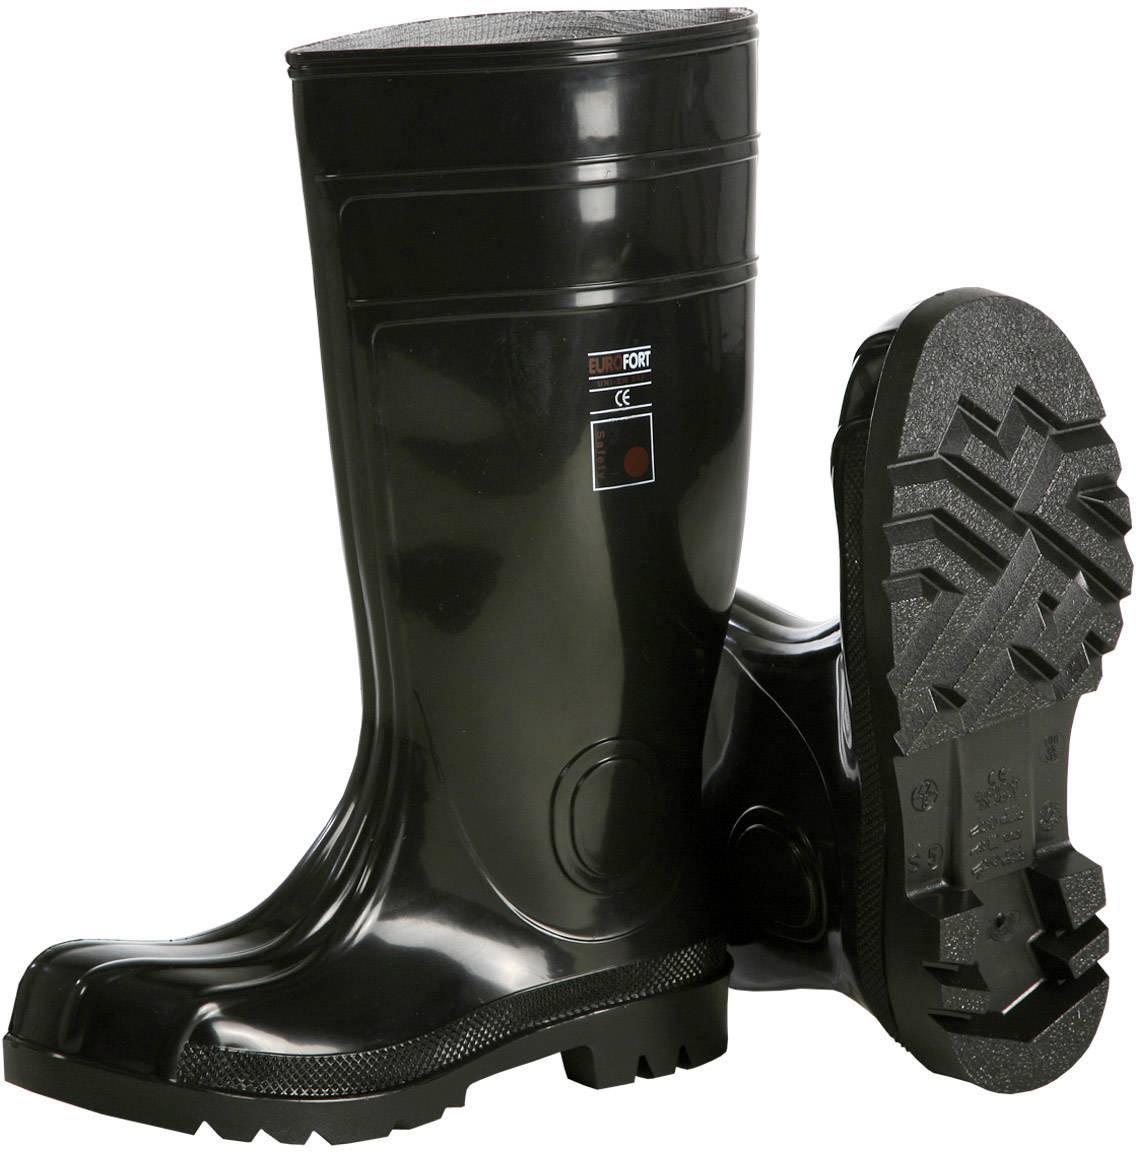 Bezpečnostní obuv S5 L+D Black Safety 2491, vel.: 45, černá, 1 pár